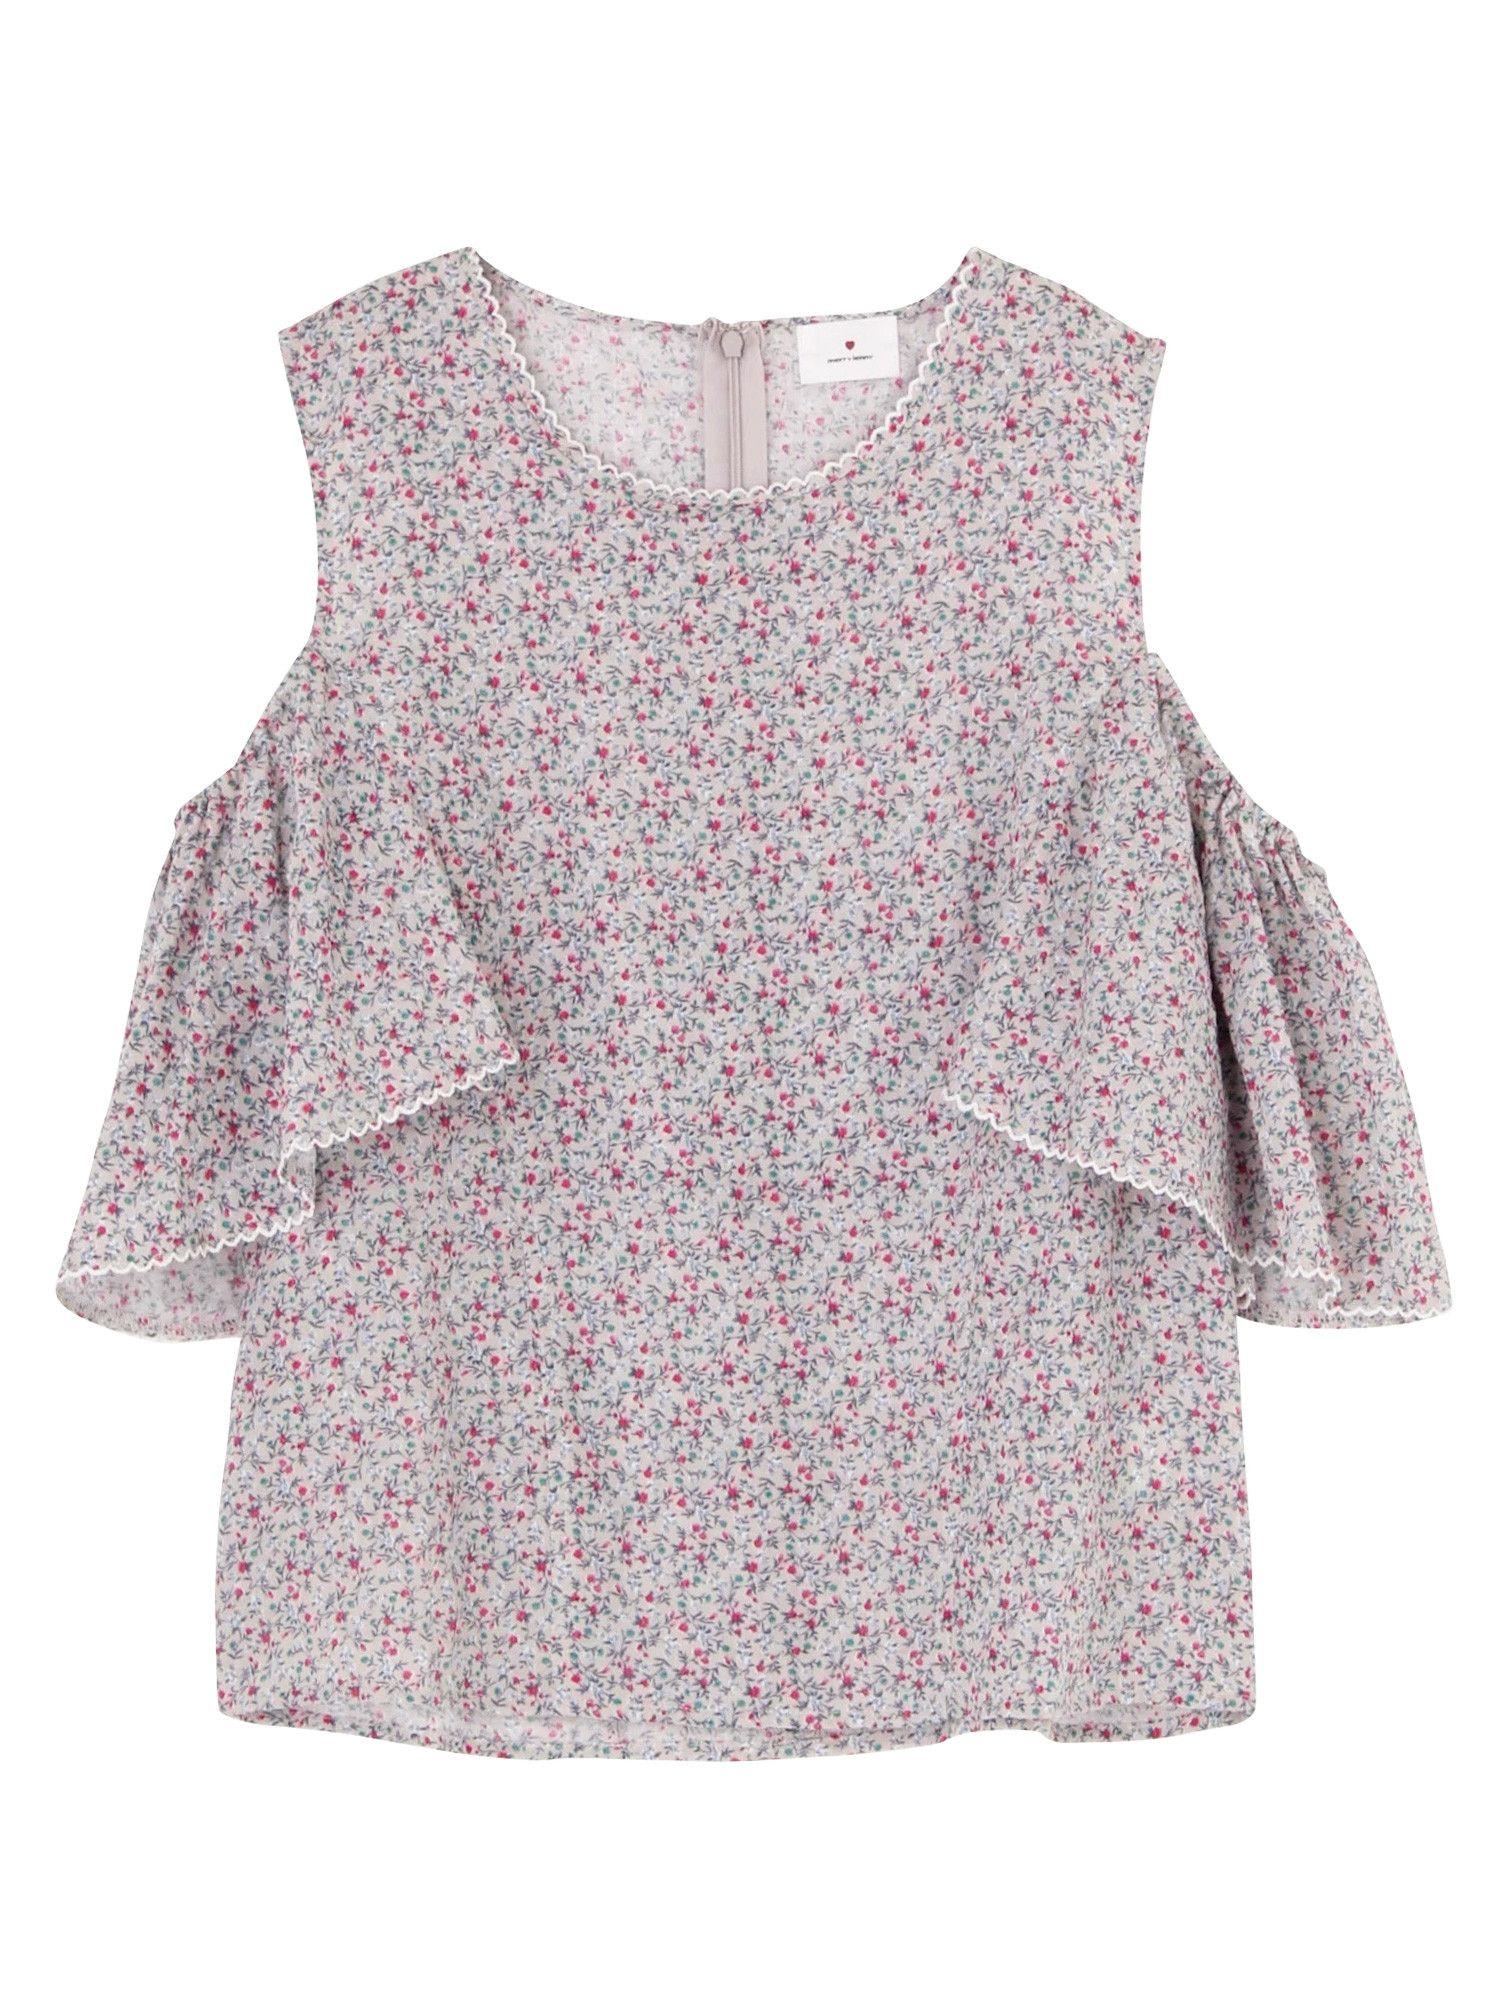 OHanakata autumn blouse